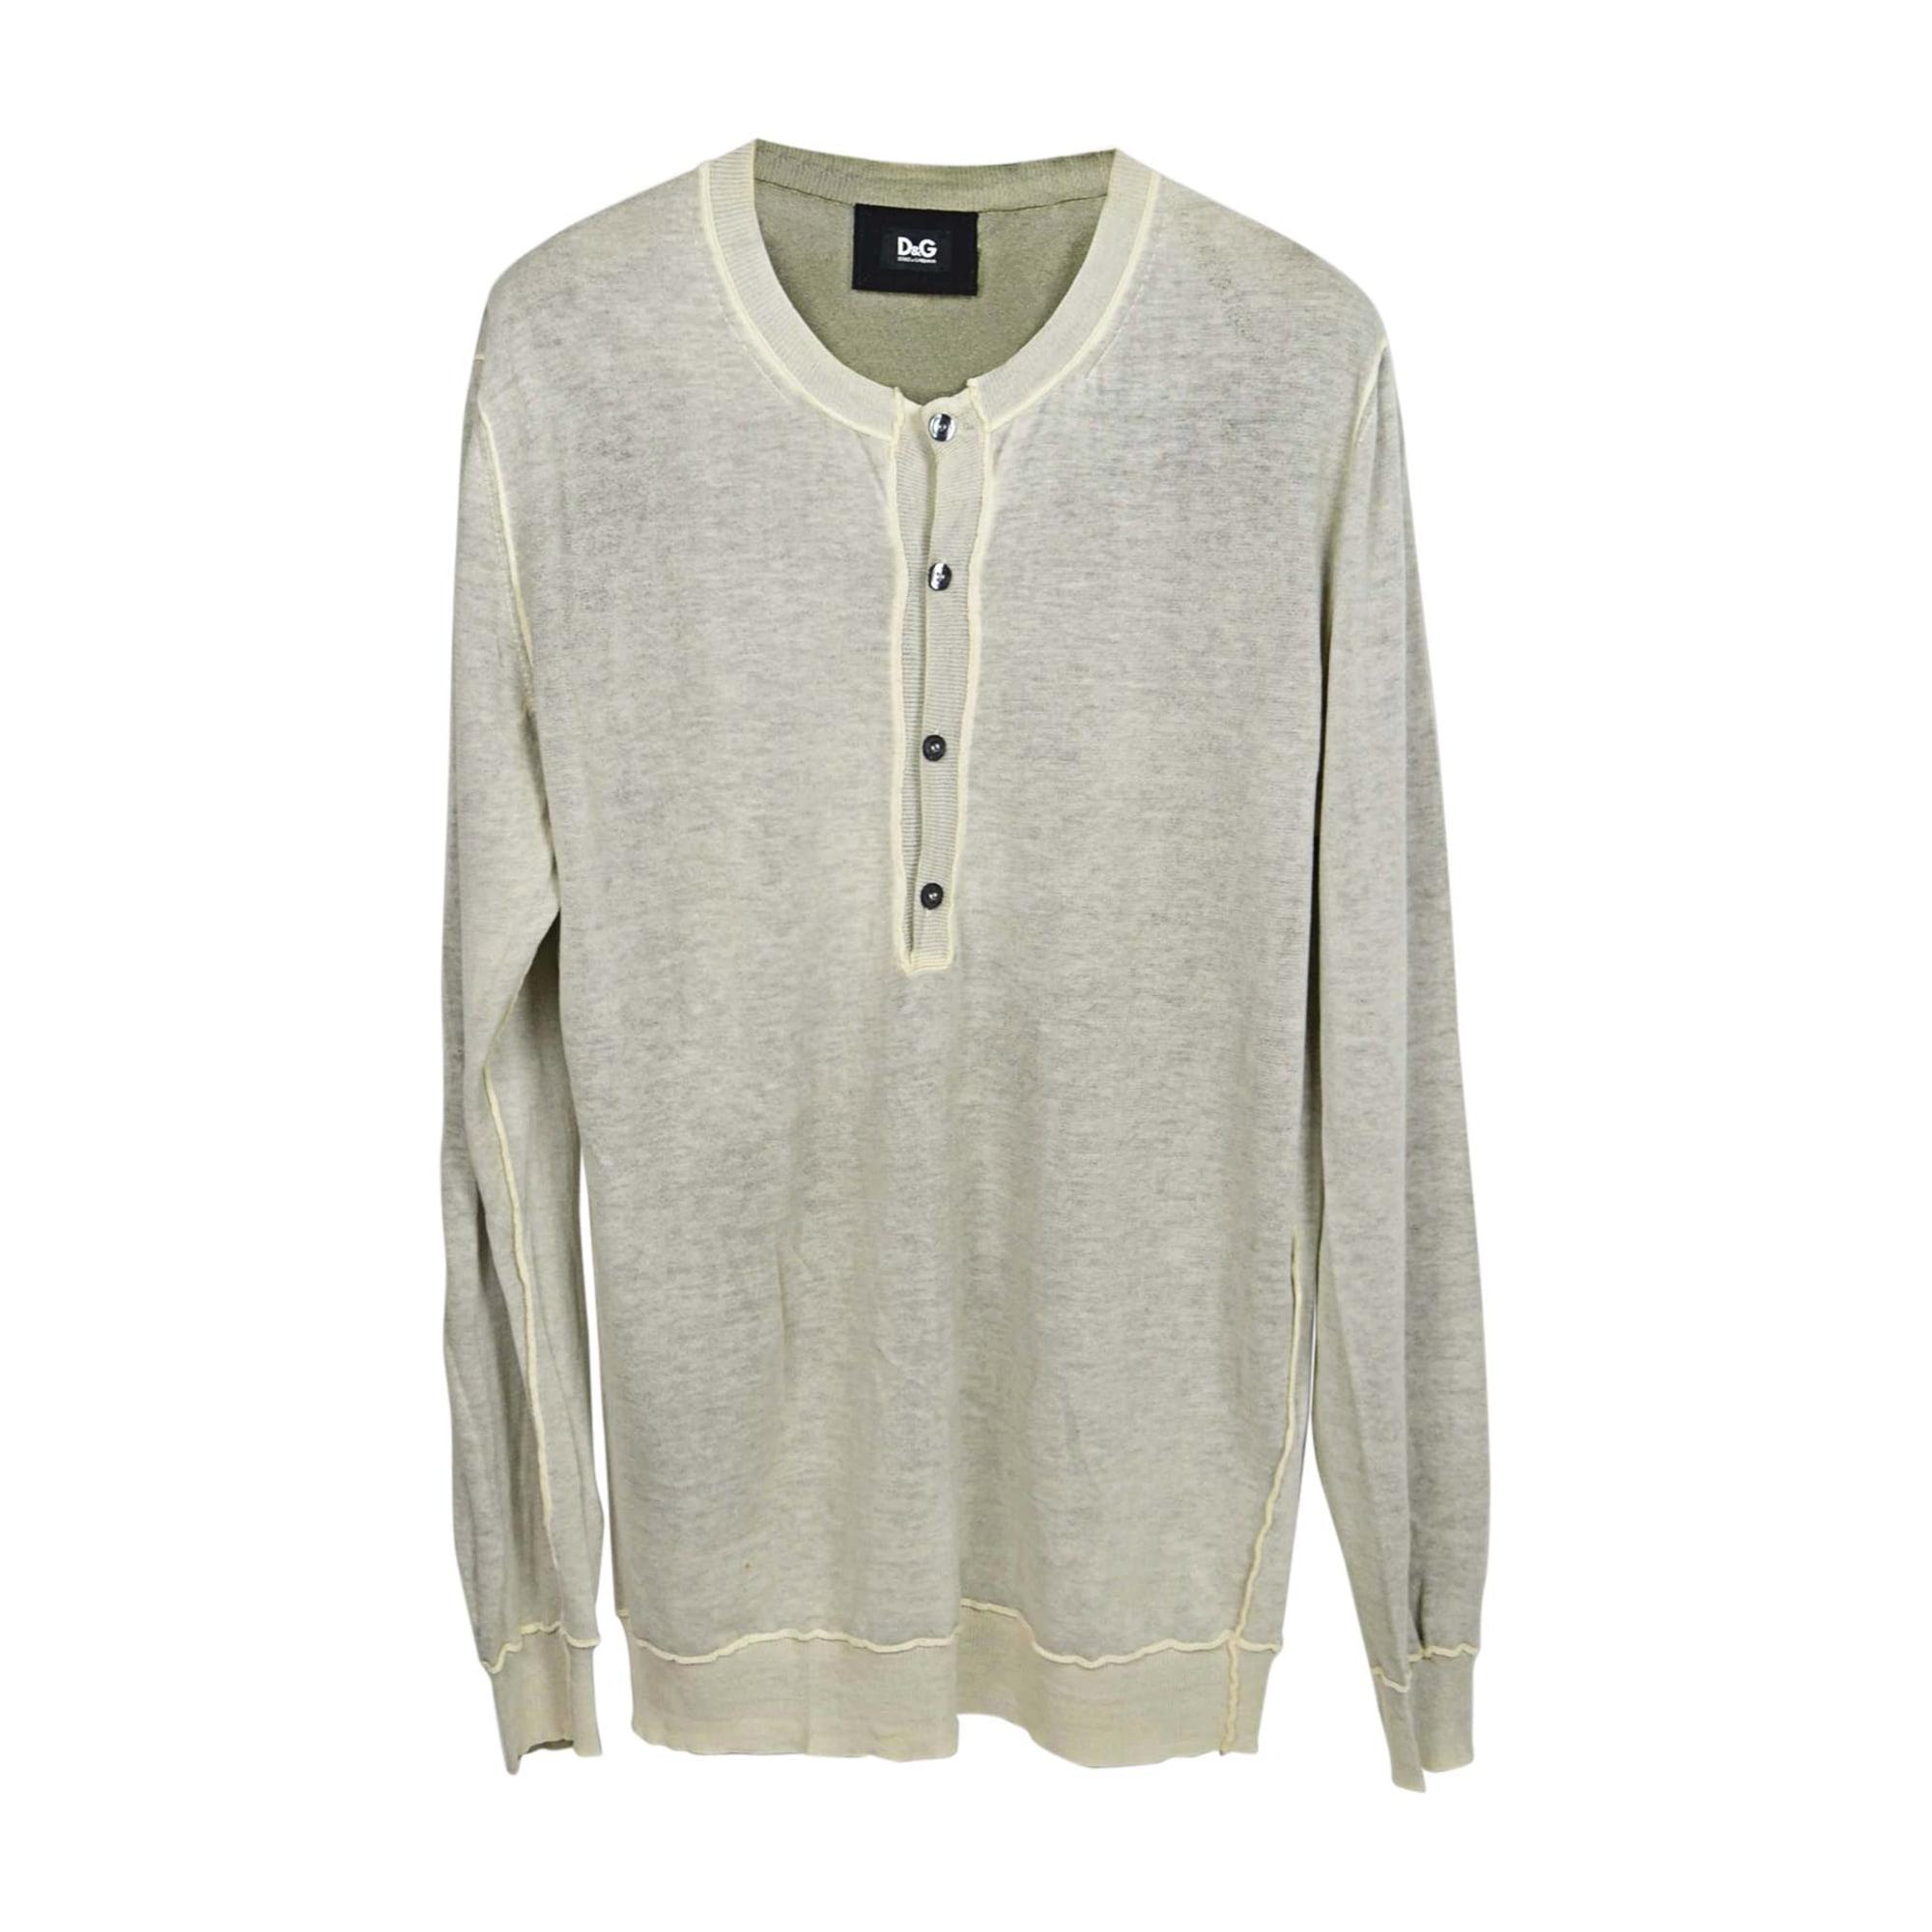 Tee-shirt D&G Beige, camel